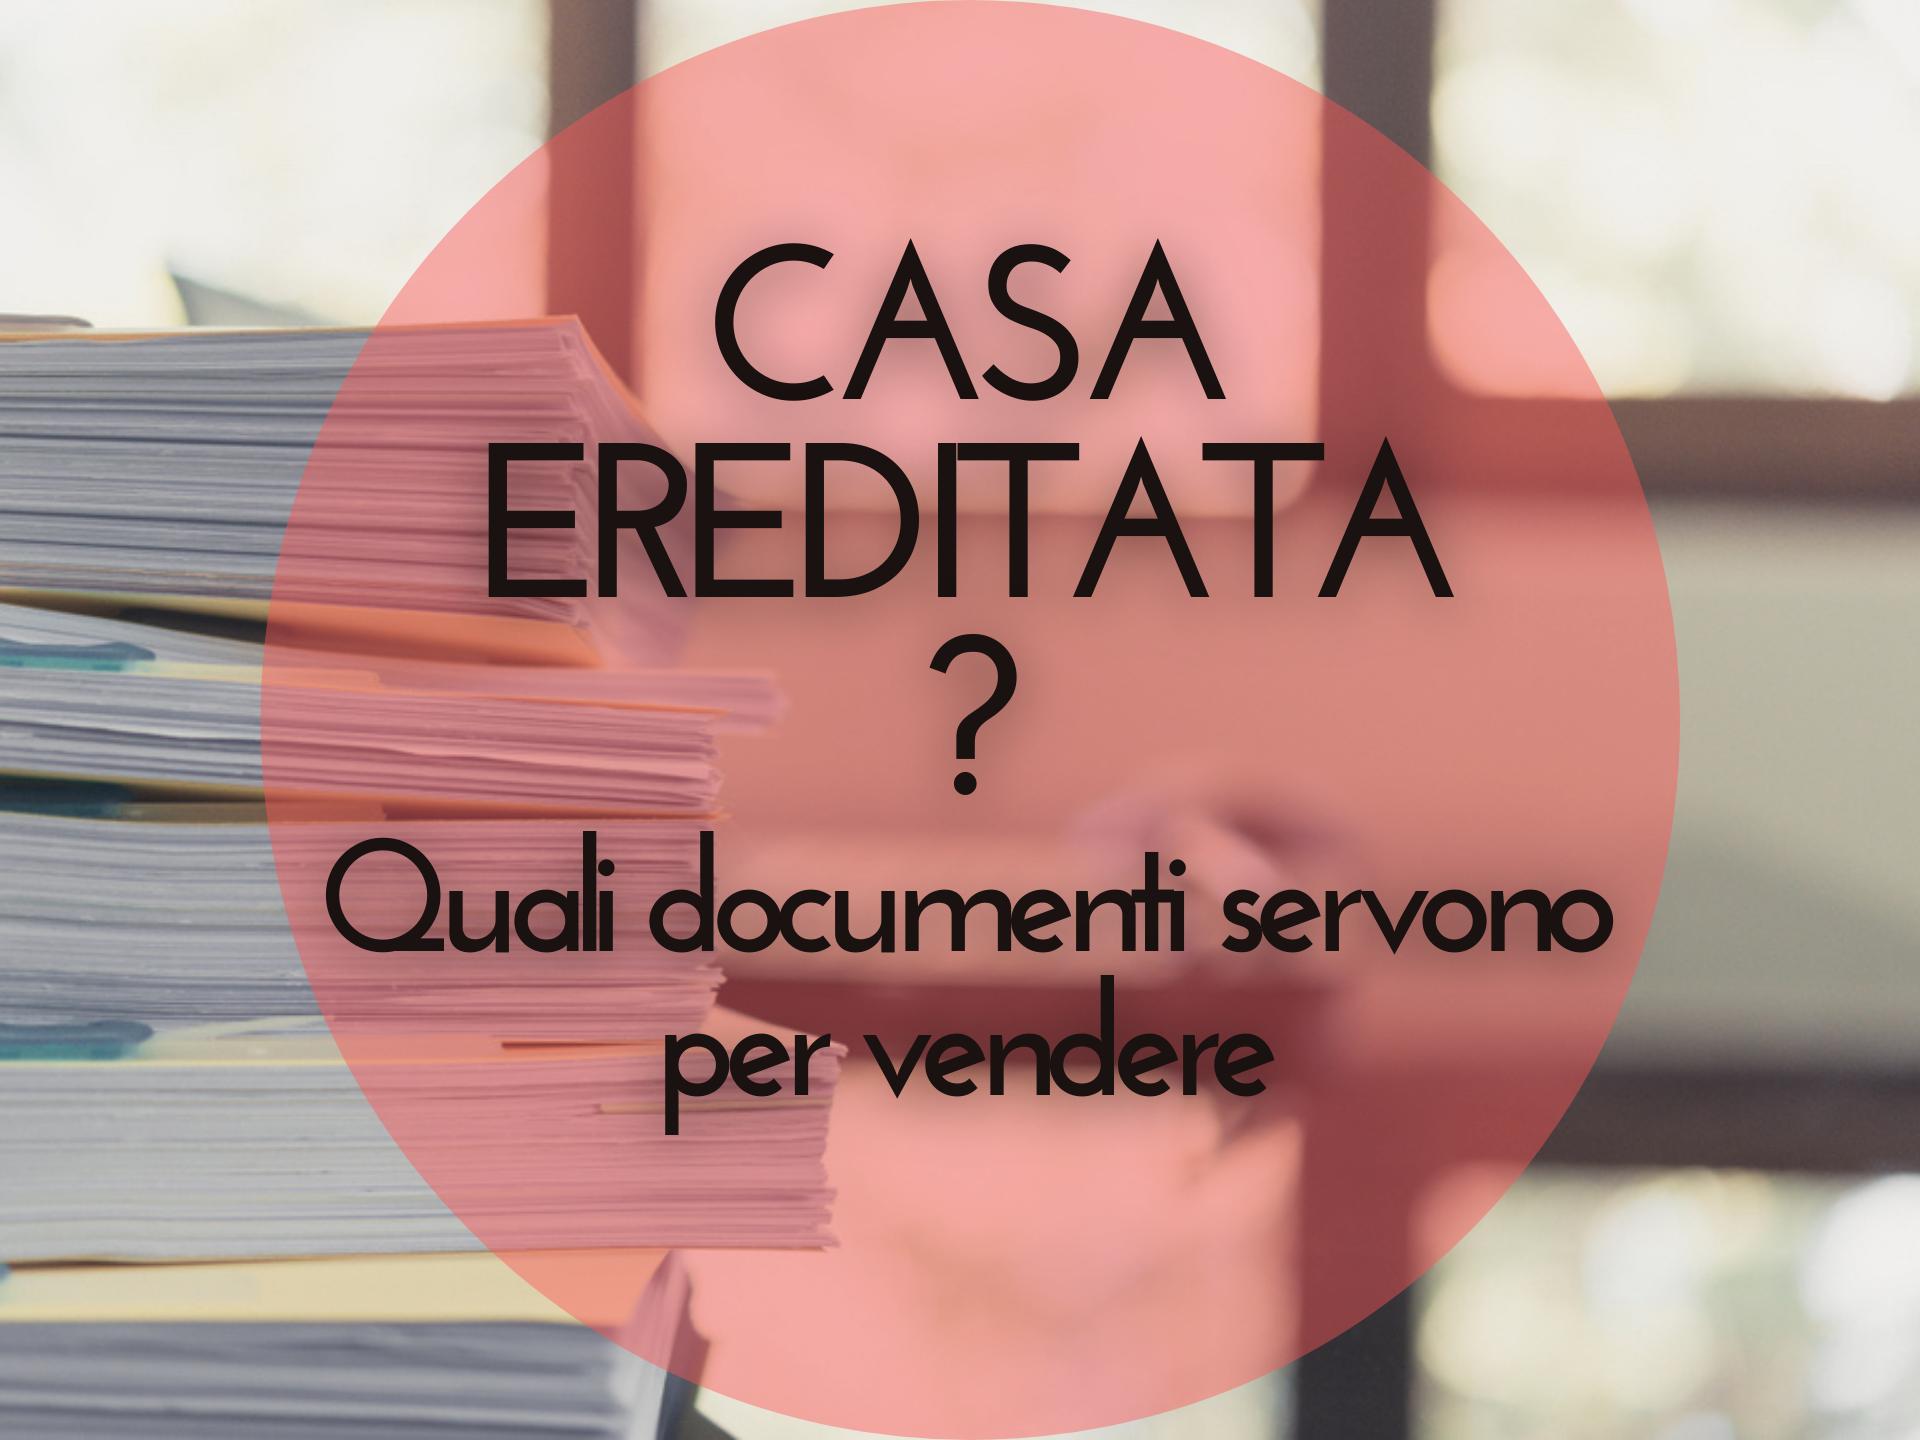 Vendere casa ereditata quali documenti servono?